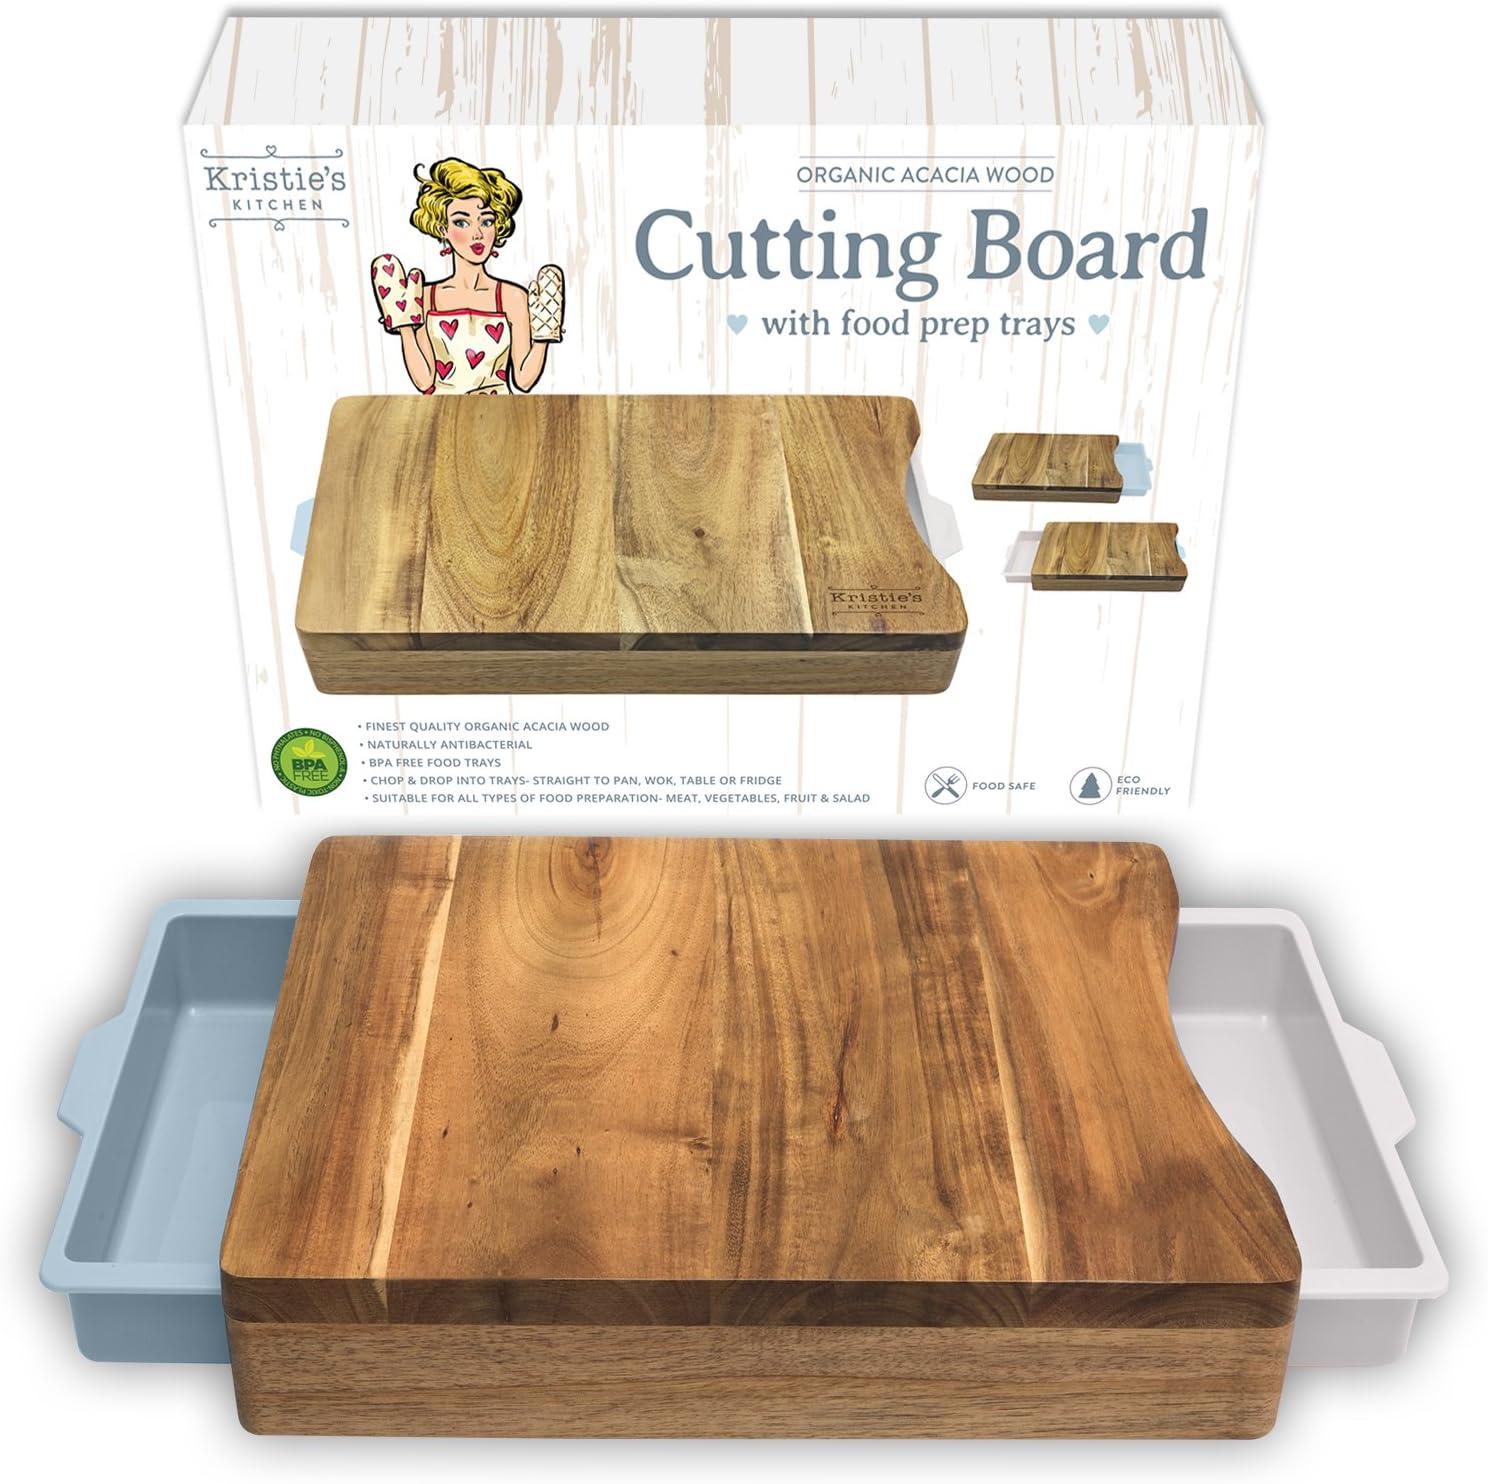 Tagliere con Contenitore Tagliere legno in acciaio Organico Tagliere antibatterico Funziona anche come Tagliere carni Tagliere pani o Tagliere